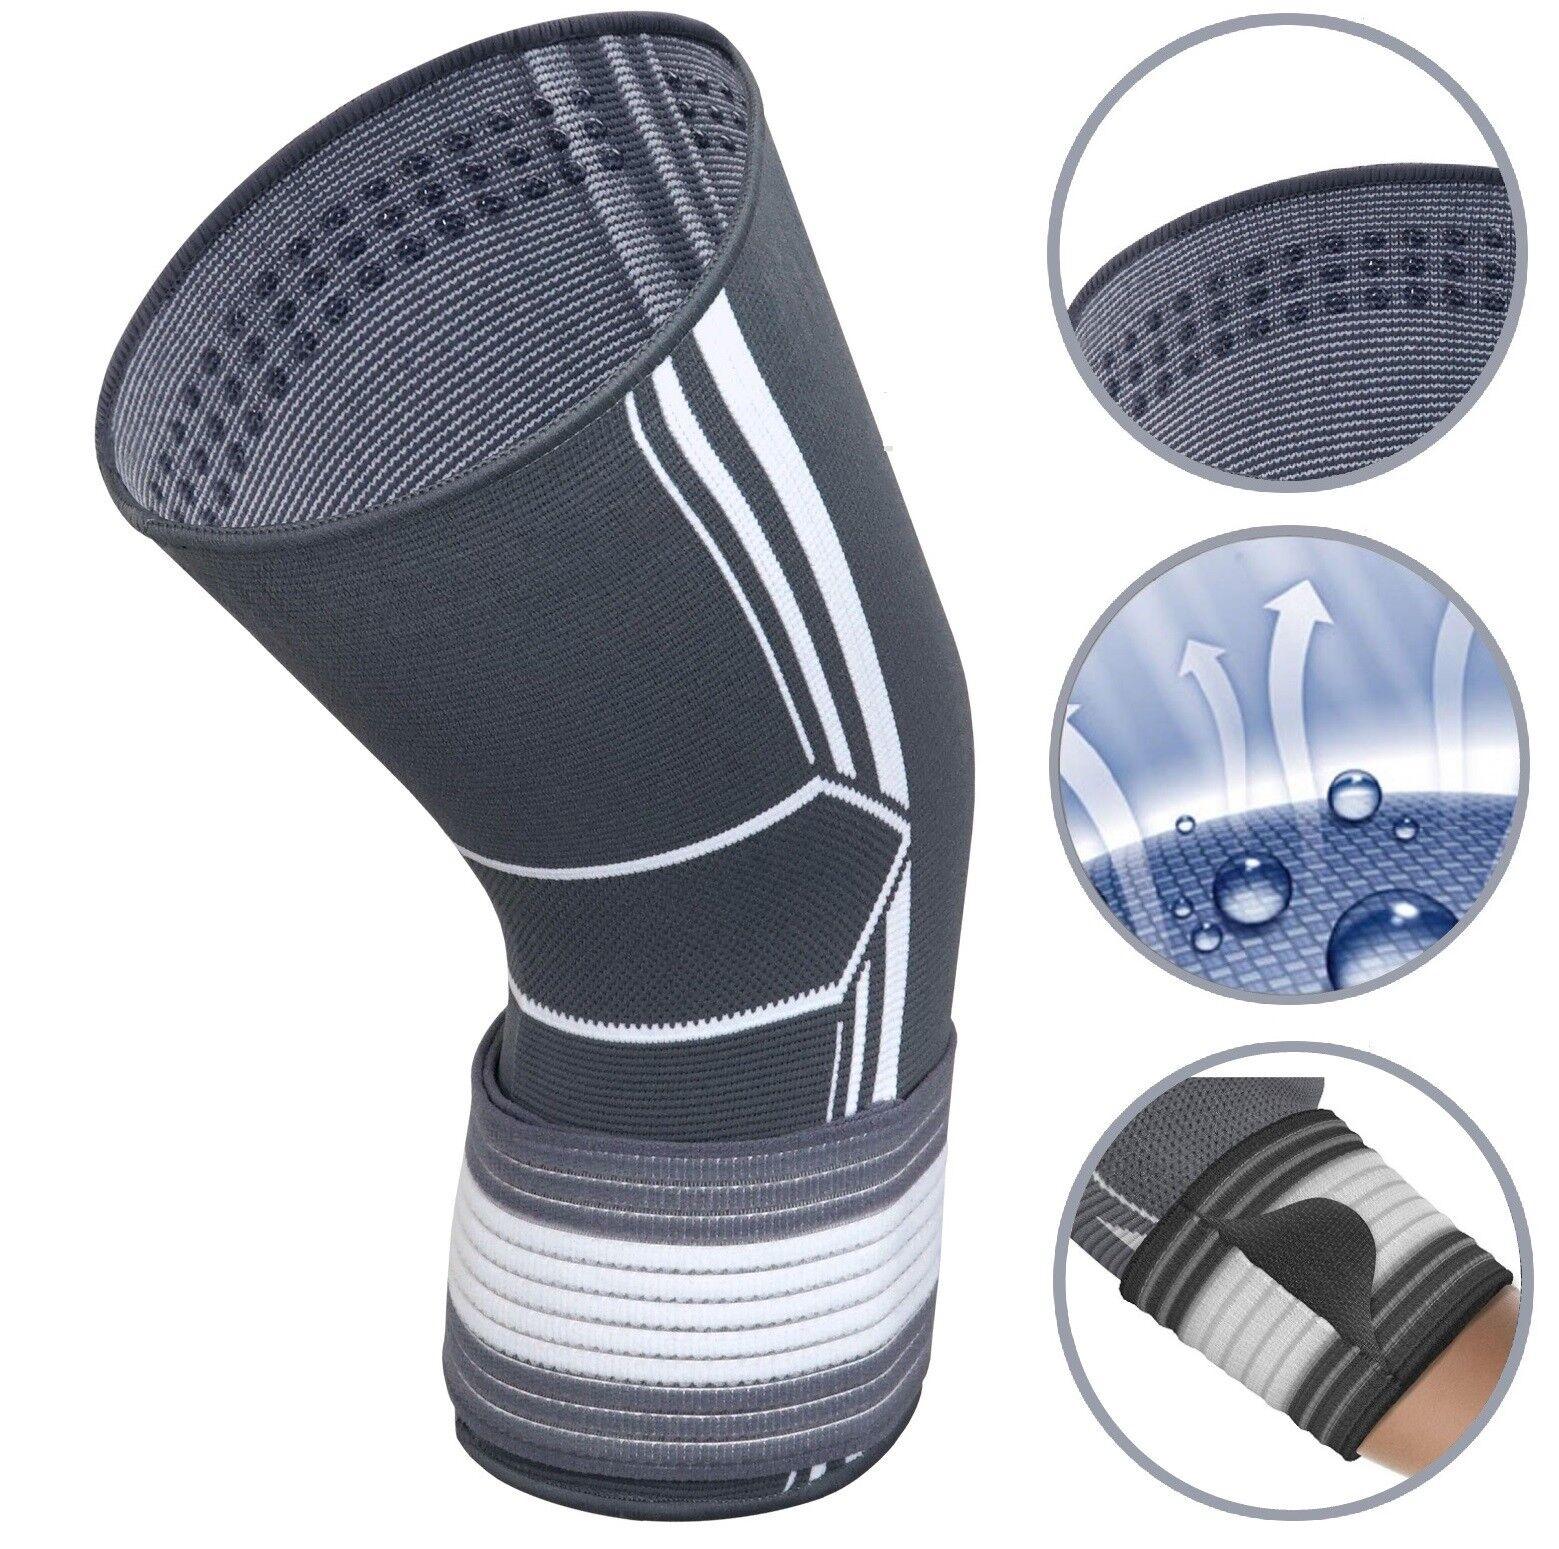 1 Paar Ellenbogenbandage Ellbogen Bandage Tennisbandage Armbandage Sportbandage